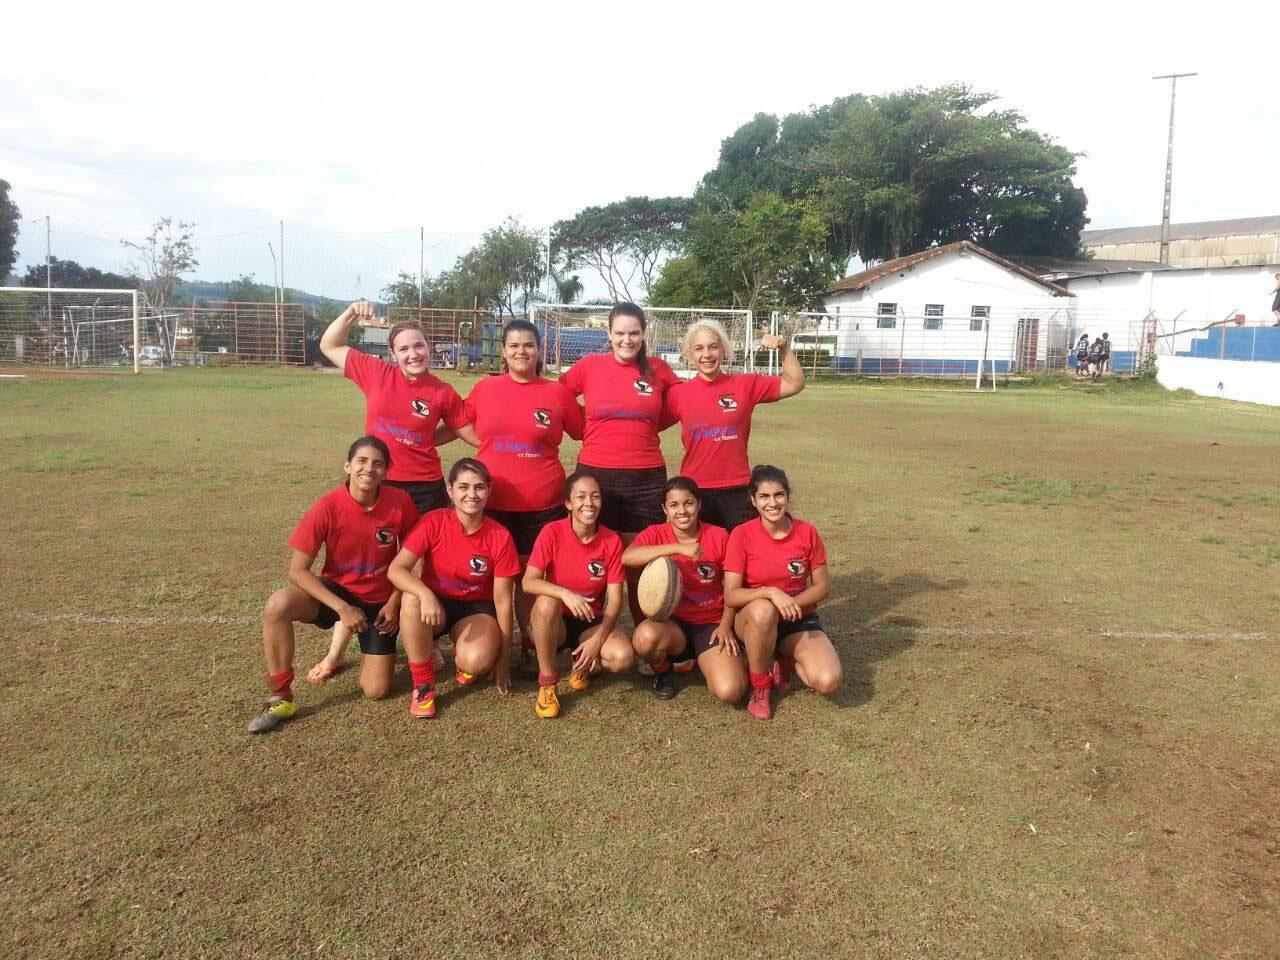 Meninas do rúgbi do Triângulo Mineiro avaliam resultados no ... - Globo.com